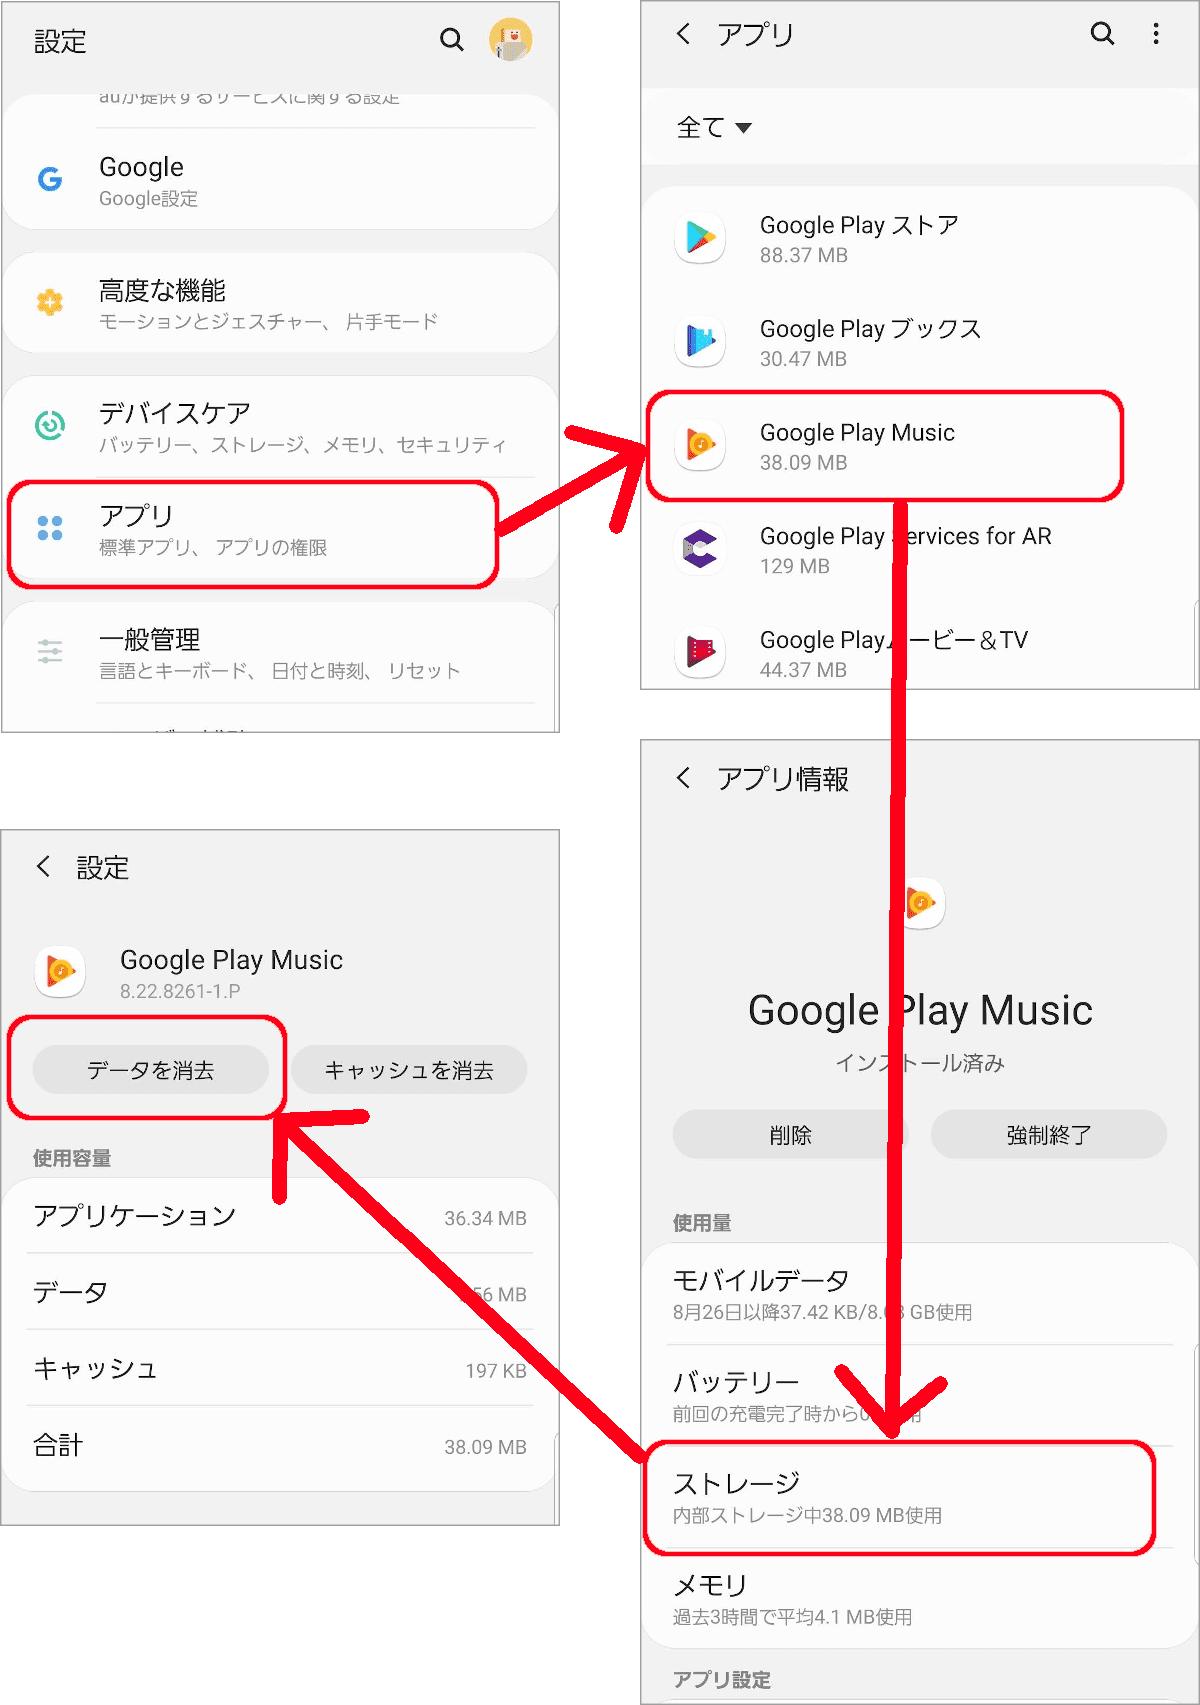 設定 アプリ Google Play Music ストレージ データを消去